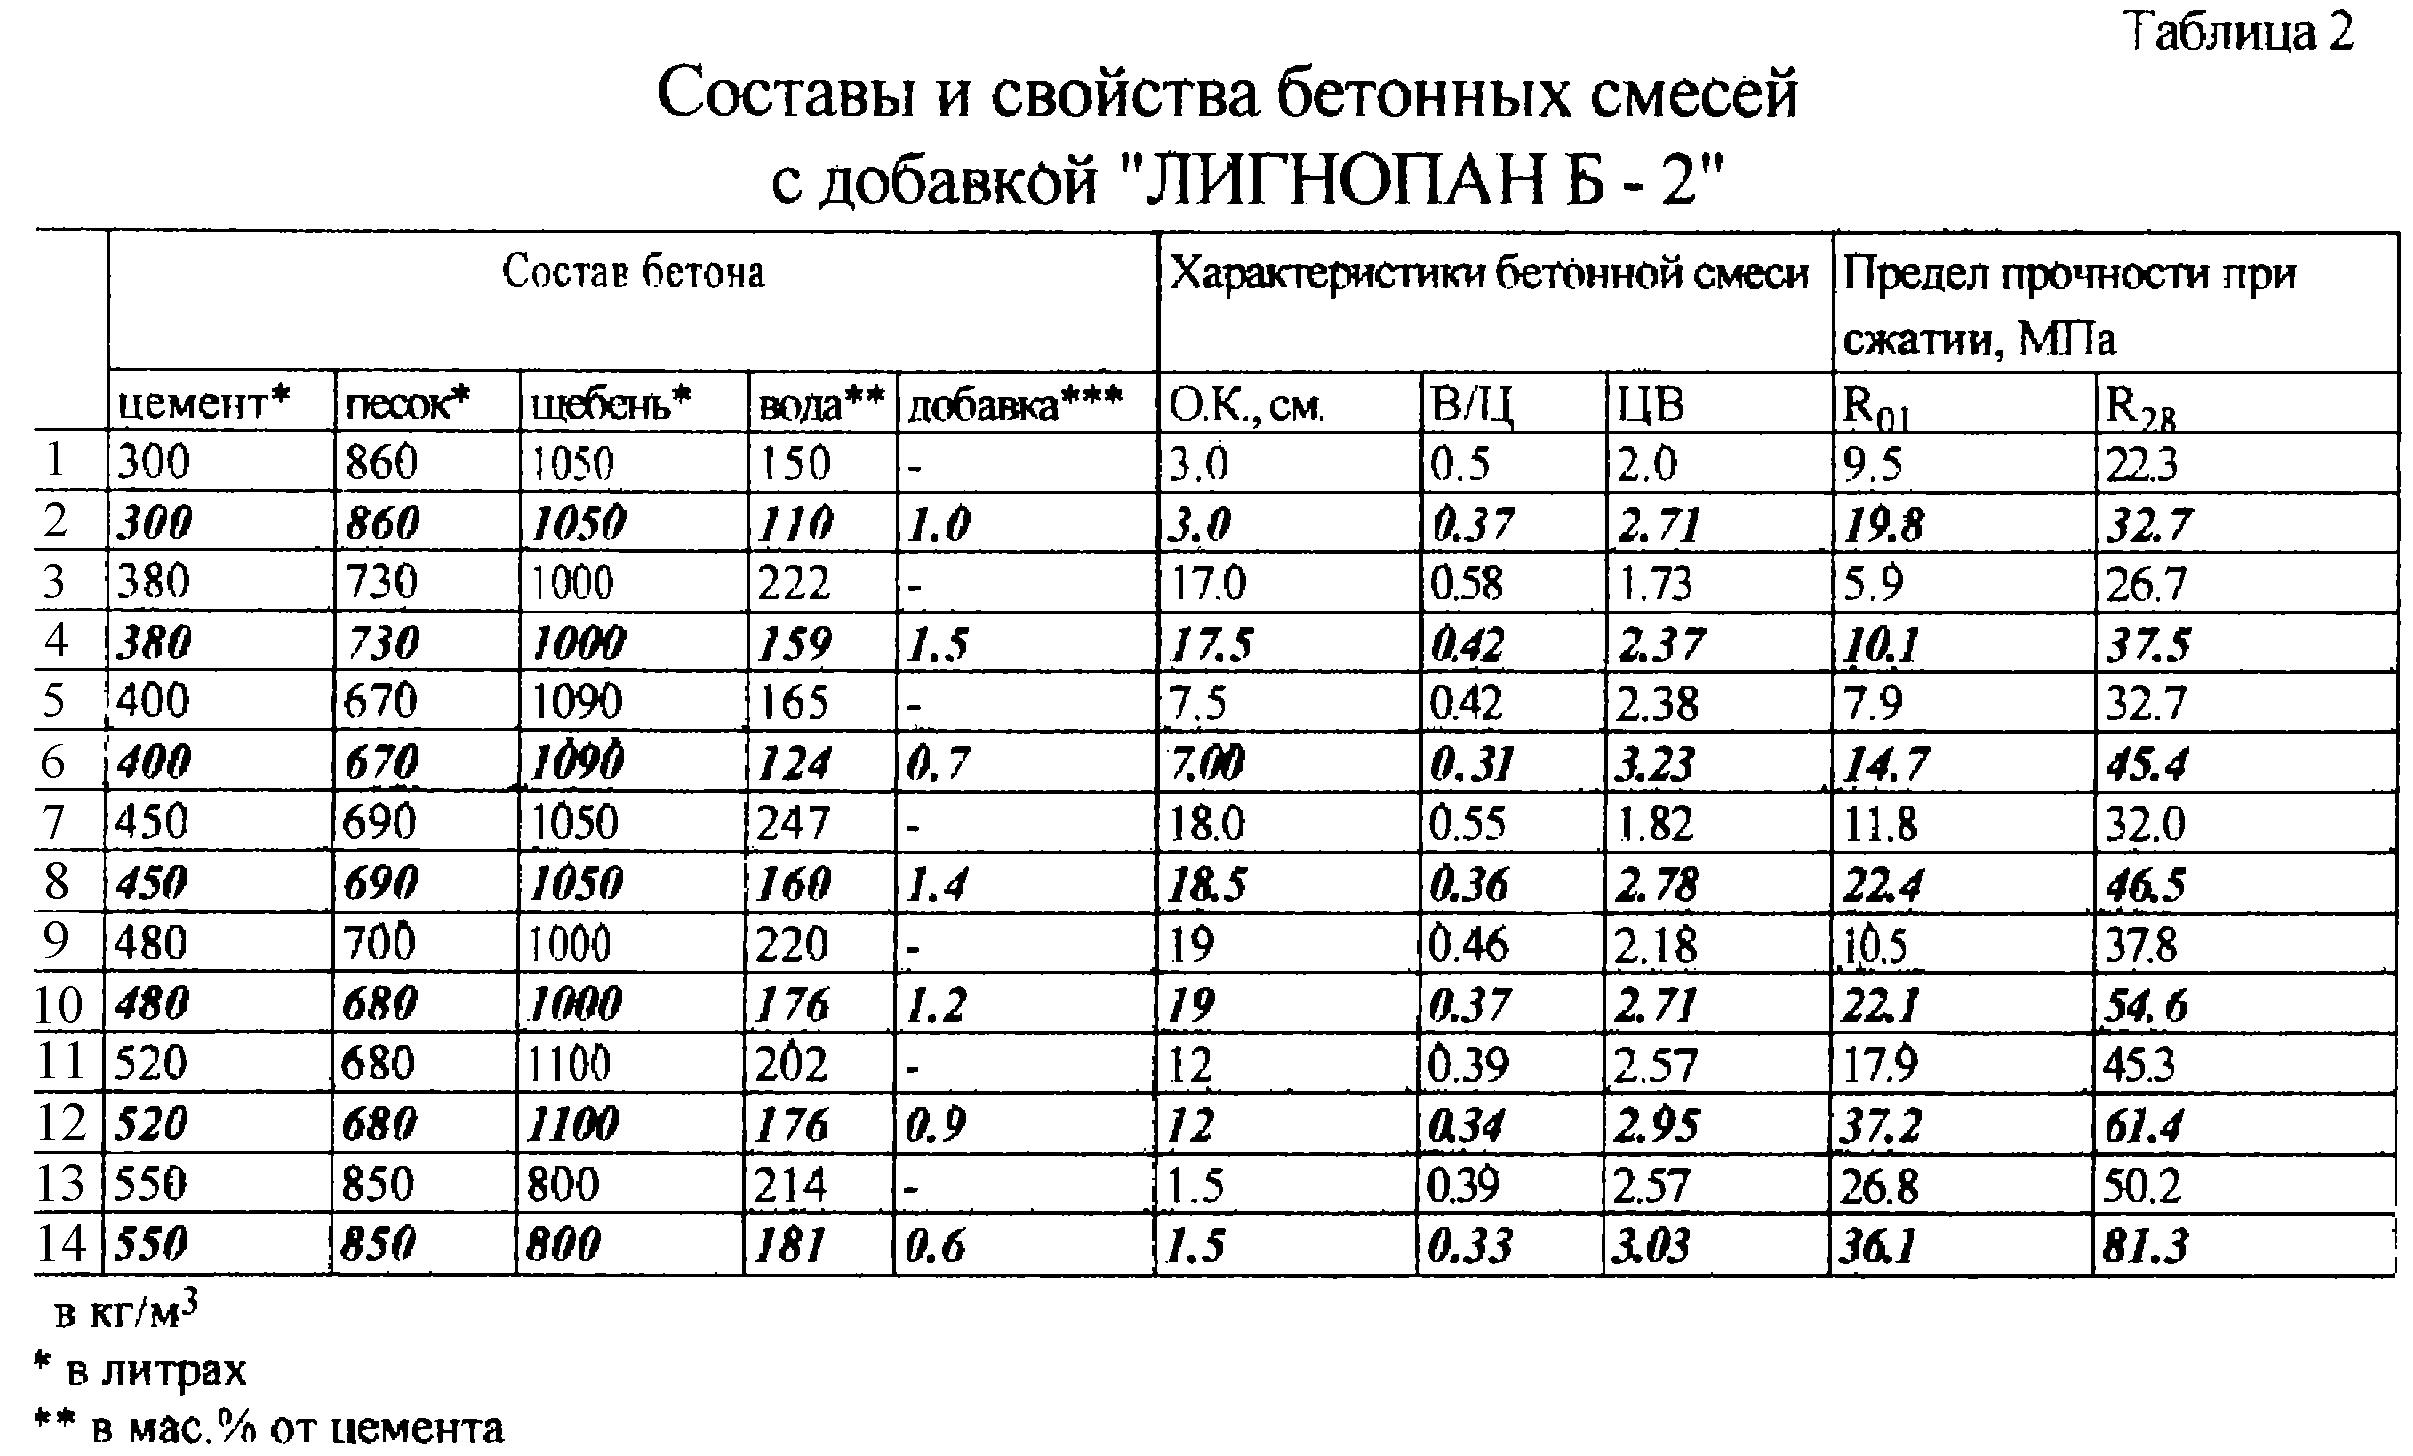 Результаты испытания смеси бетонные коэффициент выхода бетонной смеси бетоносмесительных машин периодического действия